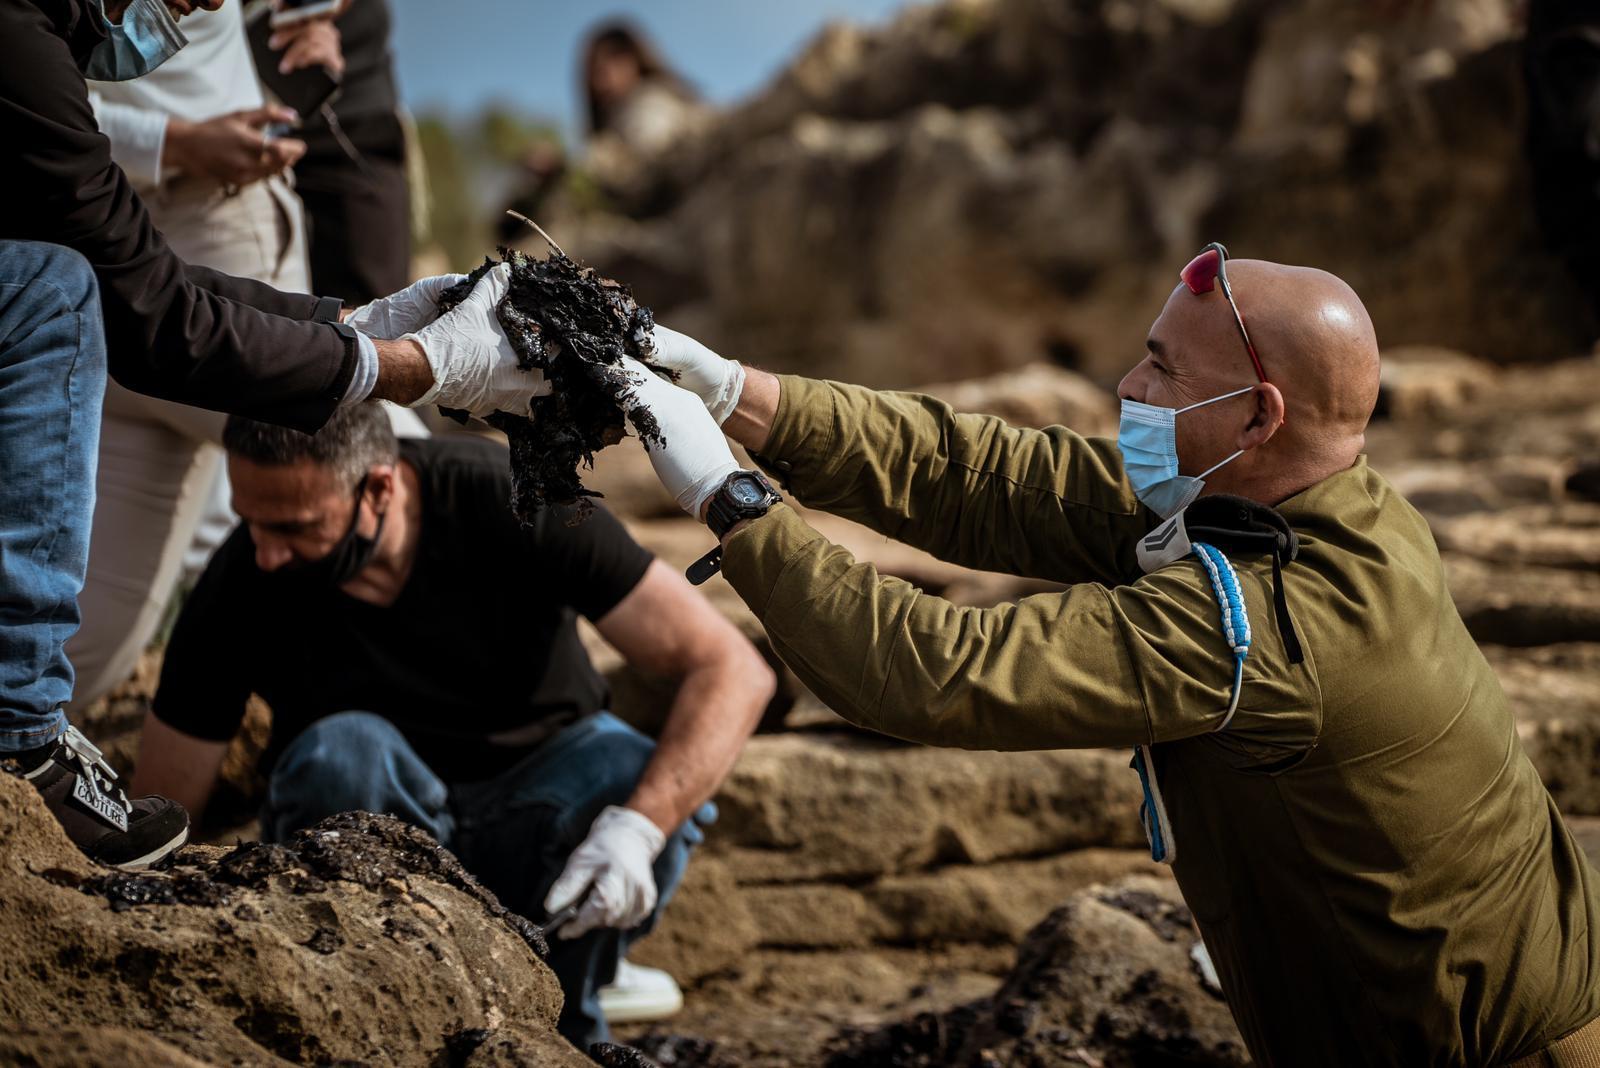 ״עוצבת הגליל״ תסייע בניקיון רצועת חוף ראש הנקרה בשבוע הקרוב